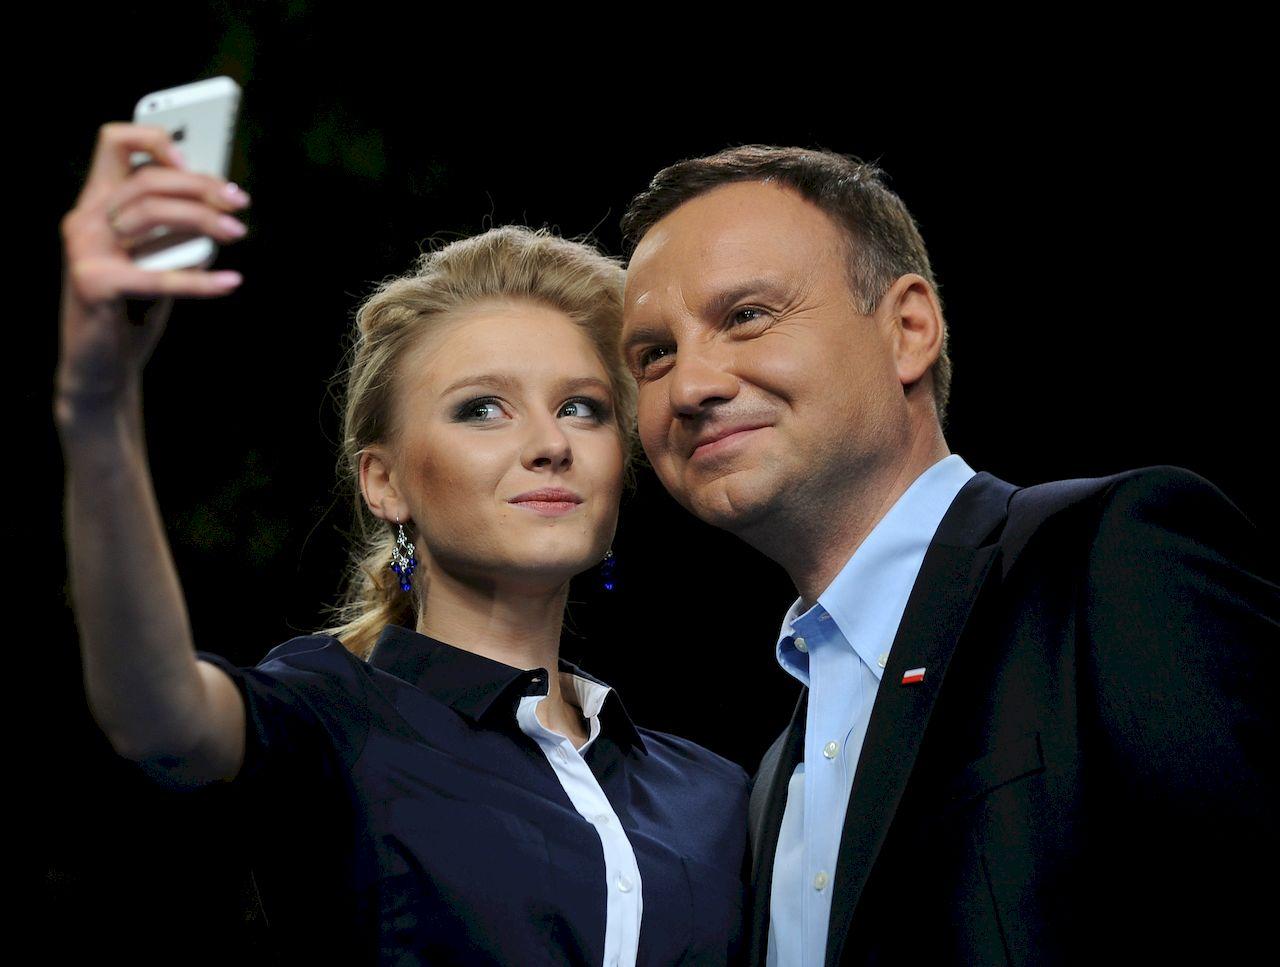 Andrzej Duda (PiS)zcórką Kingą Dudą podczas spotkania z młodzieżą